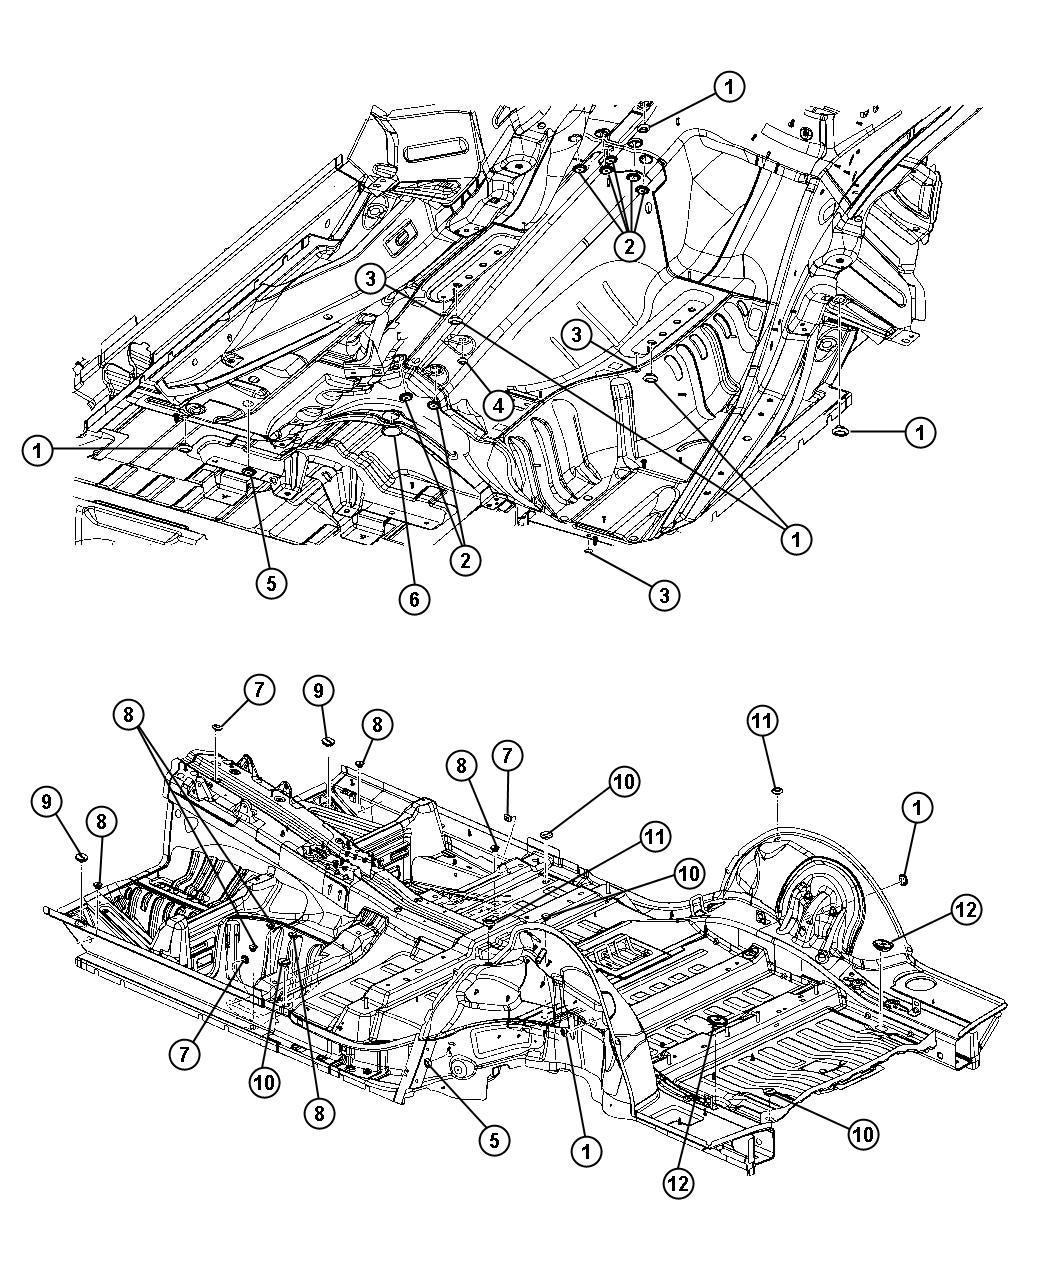 2012 Dodge Durango Plug. Floor pan. Front floor pan